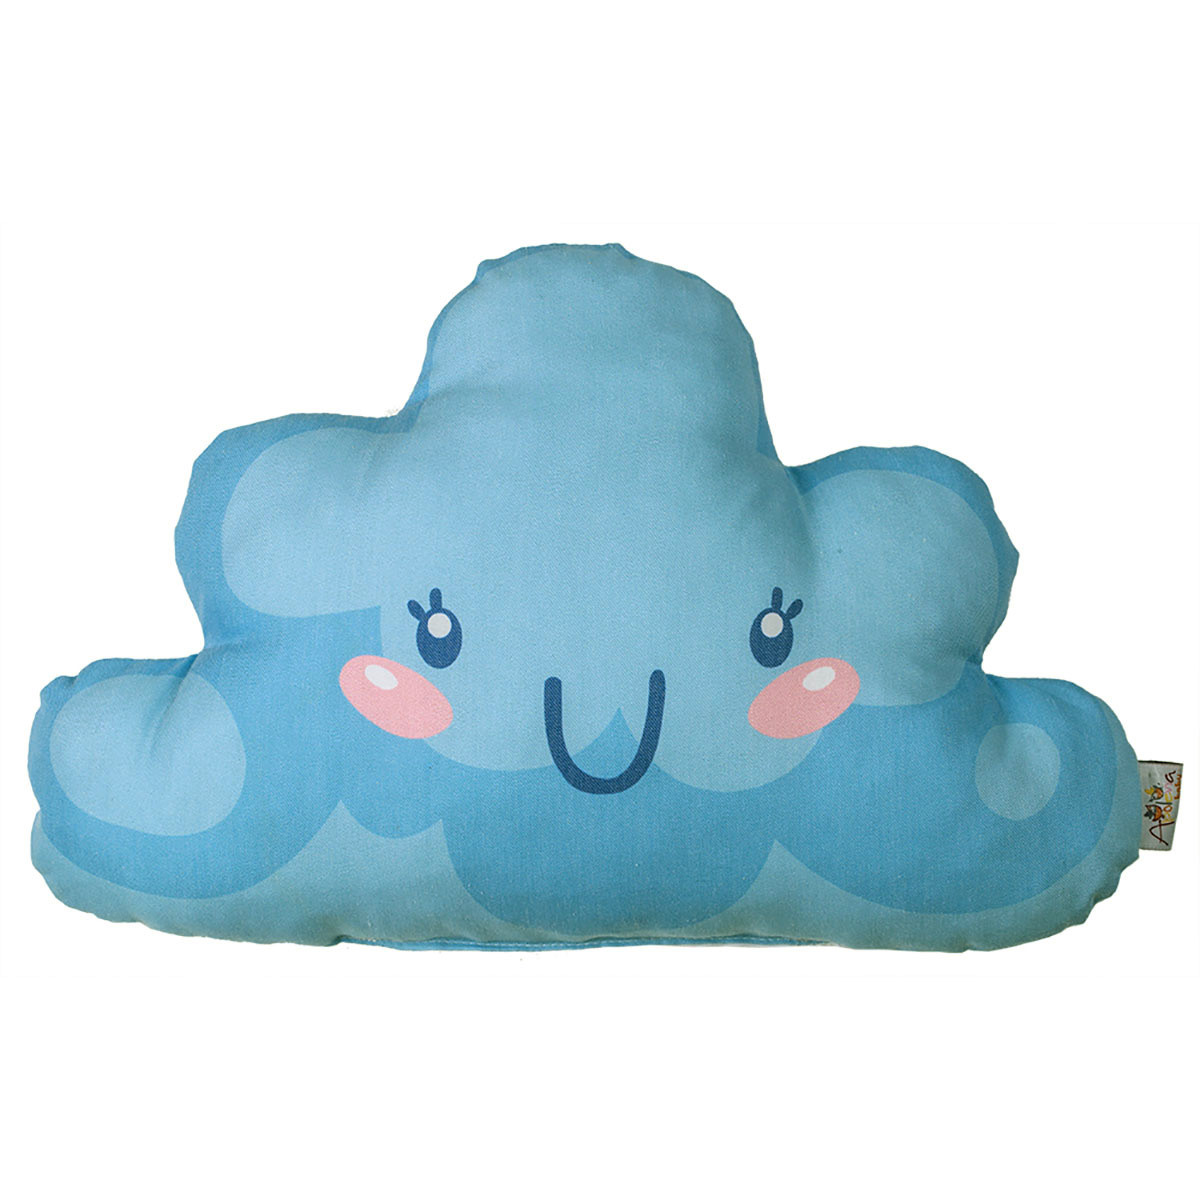 Διακοσμητικό Μαξιλάρι (40×21) Apolena Σύννεφο Γαλάζιο